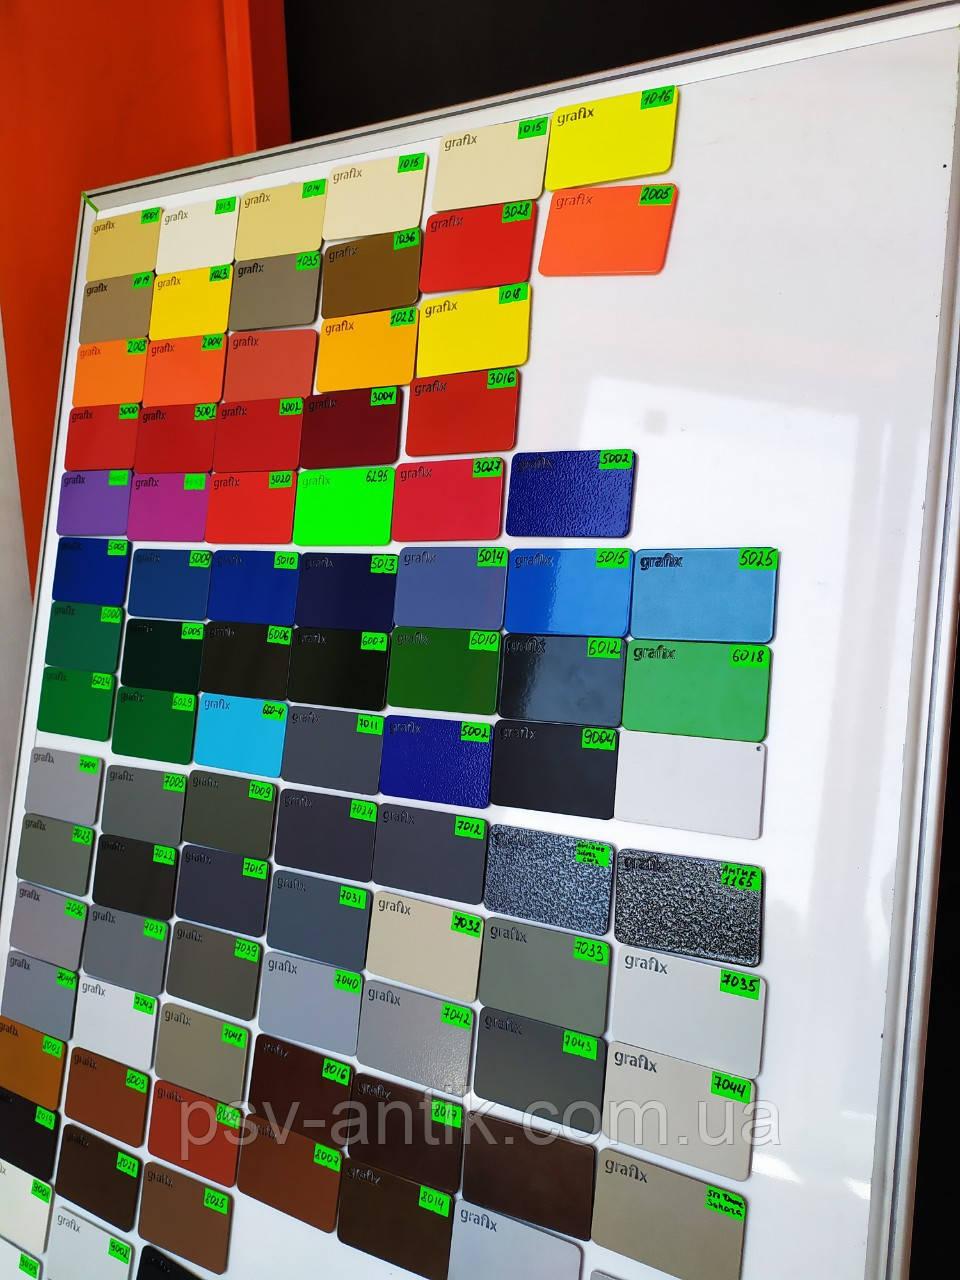 Порошковая краска структурная, полиэфирная, архитектурная, 6005